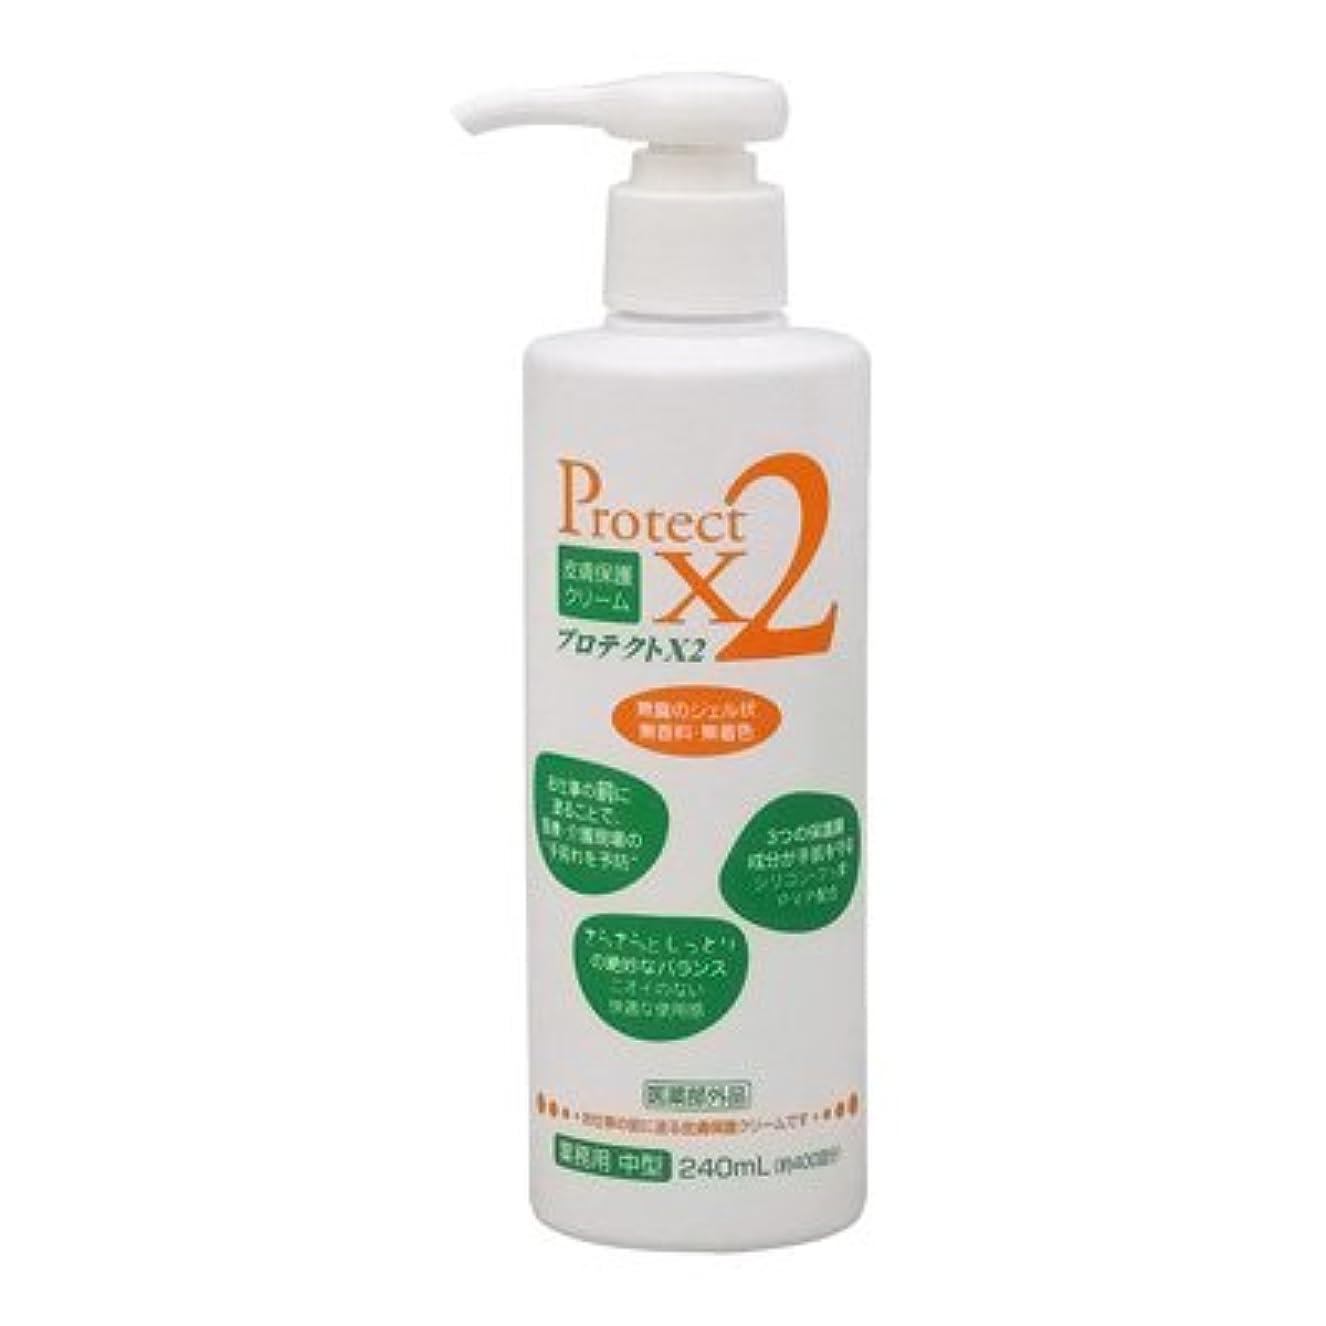 追放する痛い小康皮膚保護クリーム プロテクトX2 240ml(中型)